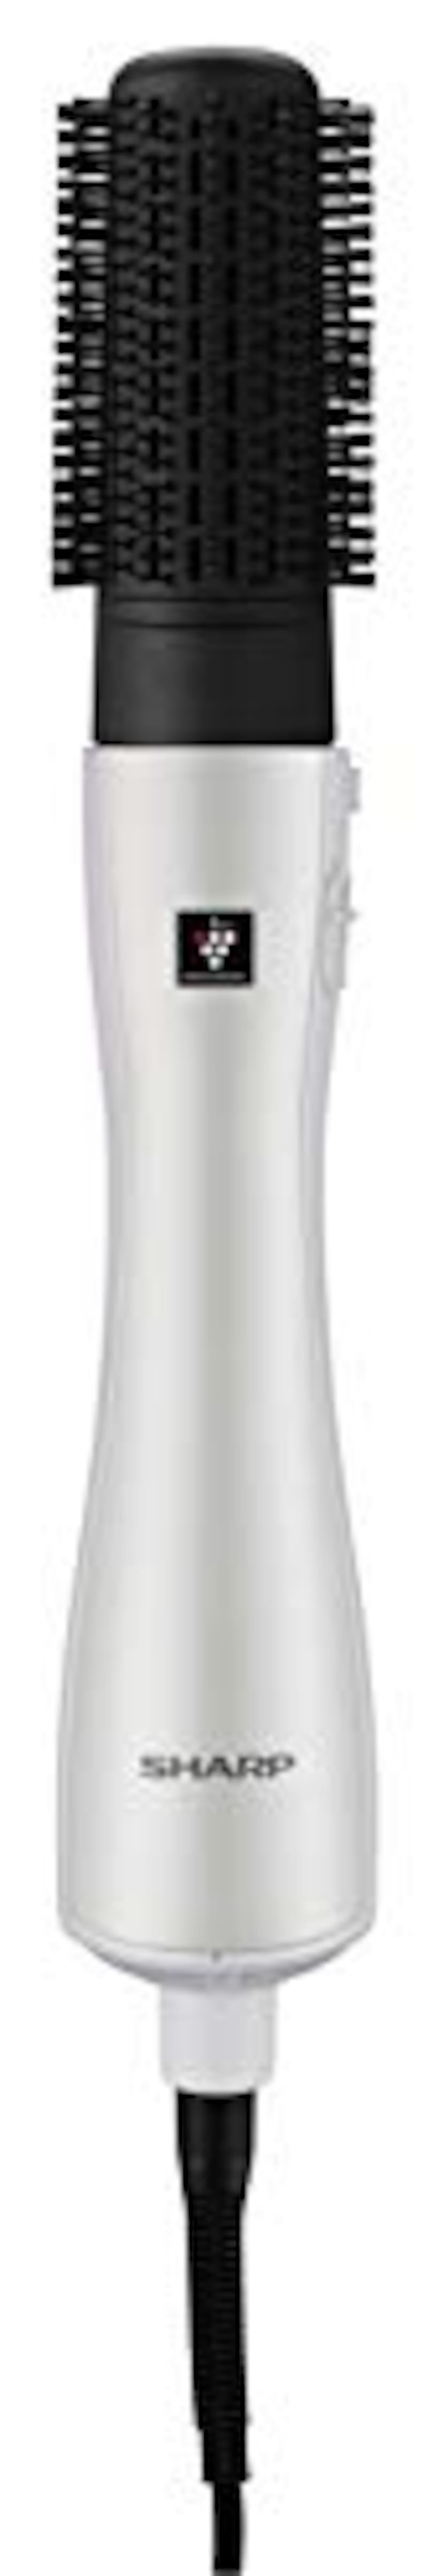 SHARP(シャープ),プラズマクラスターヘアスタイラー,IB-CB58